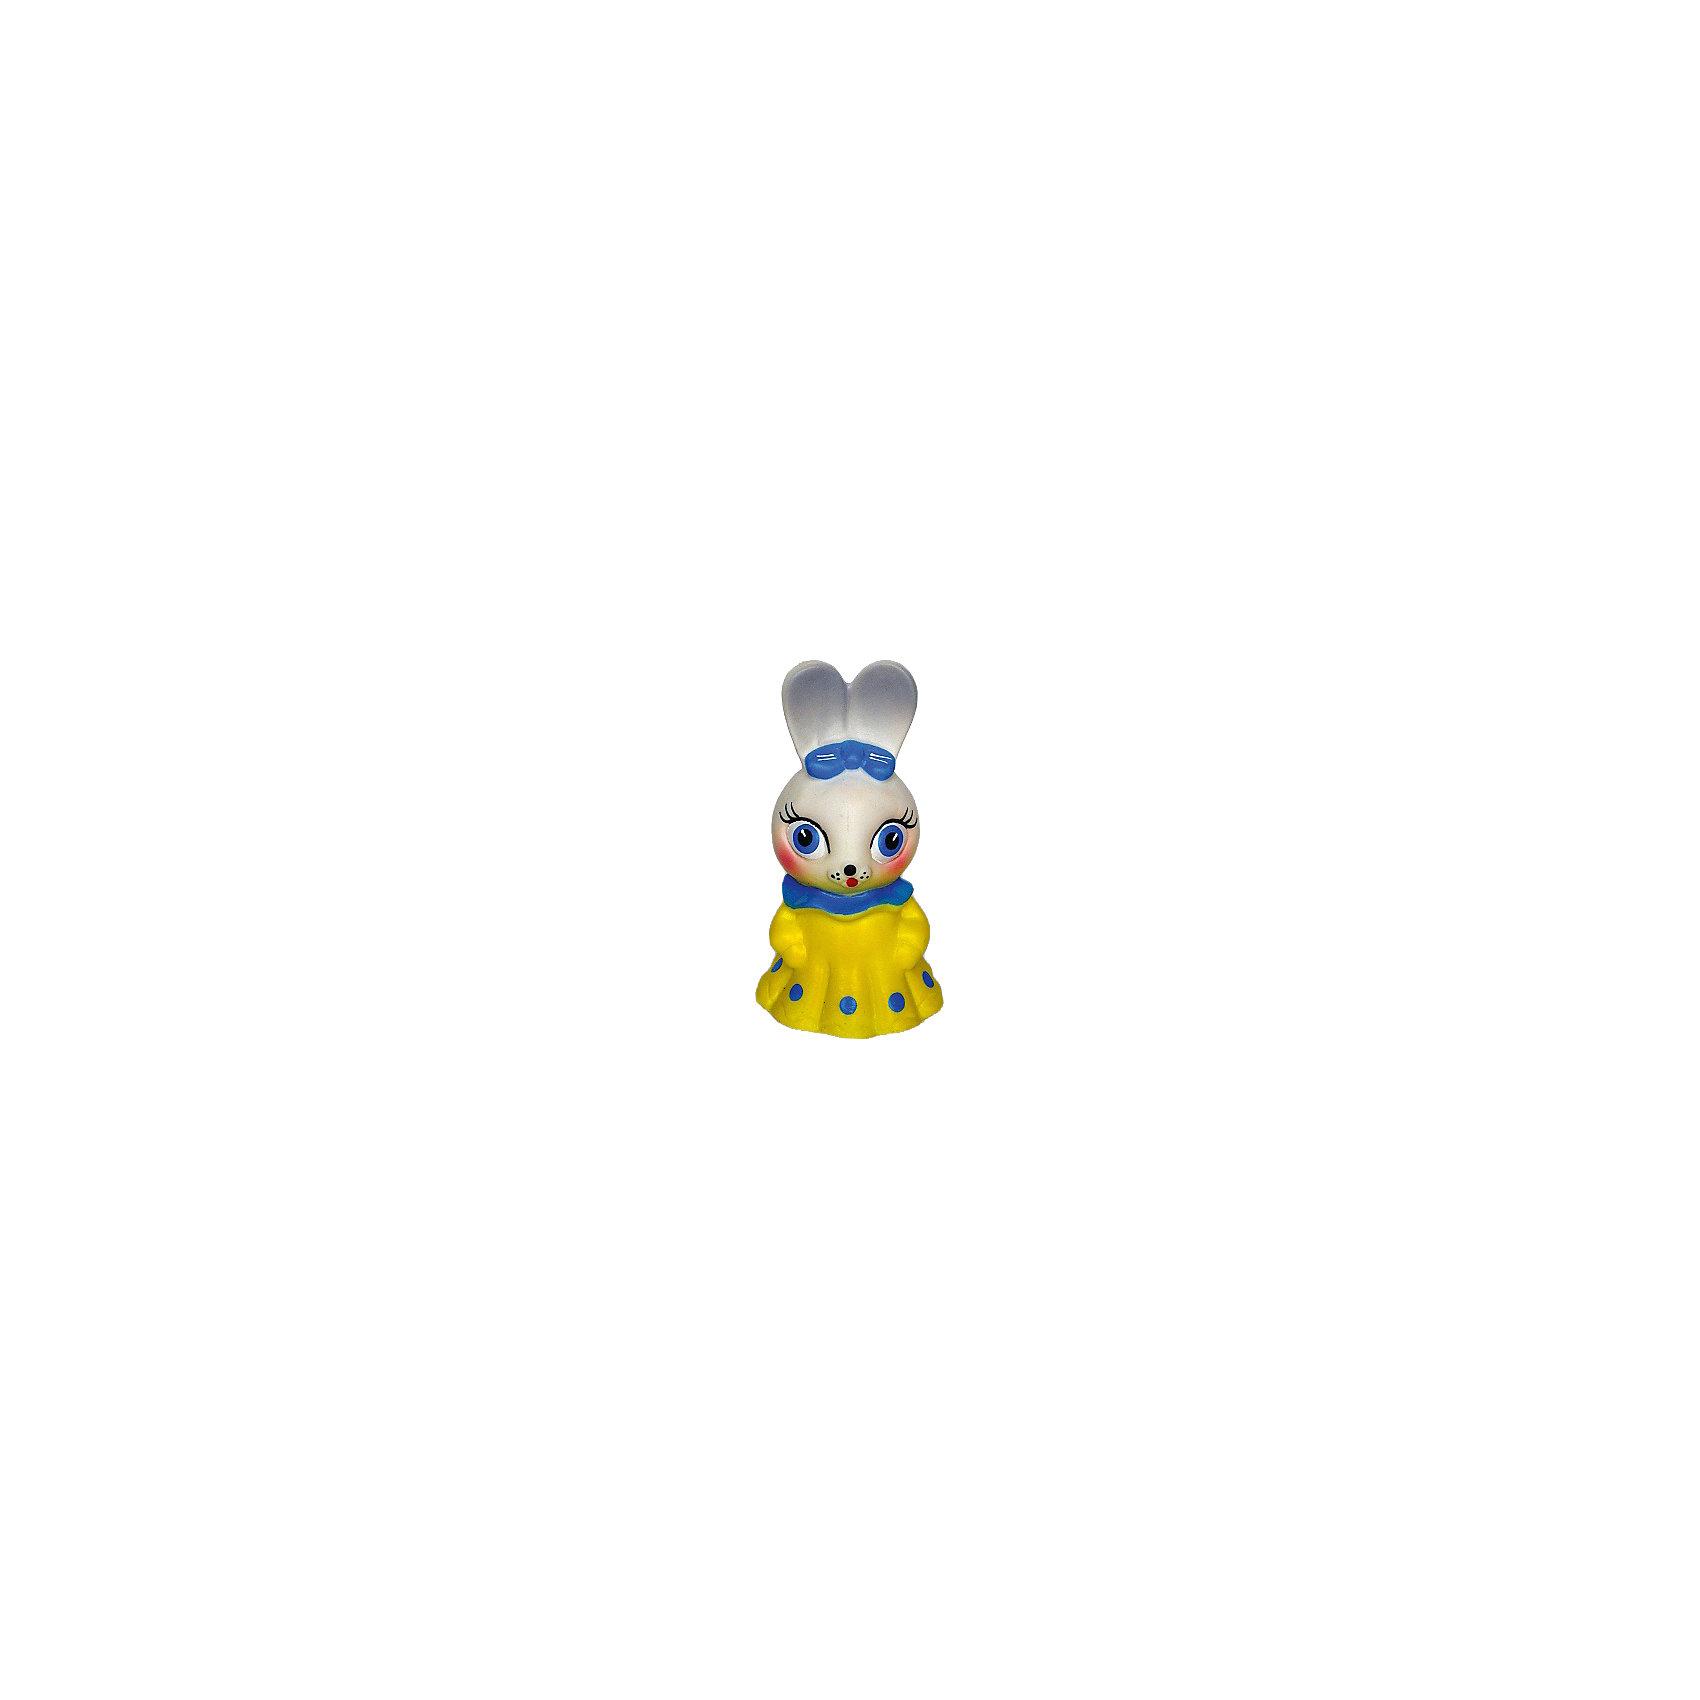 Зайчишка, КудесникиИгрушки ПВХ<br>Зайчишка, Кудесники<br><br>Характеристики:<br><br>• Материал: ПВХ.<br>• Размер: 14 см.<br>• Вес: 67г.<br> <br>Отличная игрушка из мягкого ПВХ надолго займет внимания вашего малыша. Эта игрушка поможет малышу при прорезывании зубов, поможет развивать моторику рук, знакомить с формой, цветом, образами. Также с ней можно забавно поиграть в ванной. Яркий образ поможет ребенку придумывать различные сюжетно-ролевые игры.<br><br>Зайчишку, Кудесники, можно купить в нашем интернет – магазине.<br><br>Ширина мм: 80<br>Глубина мм: 60<br>Высота мм: 110<br>Вес г: 55<br>Возраст от месяцев: 12<br>Возраст до месяцев: 36<br>Пол: Унисекс<br>Возраст: Детский<br>SKU: 4896465